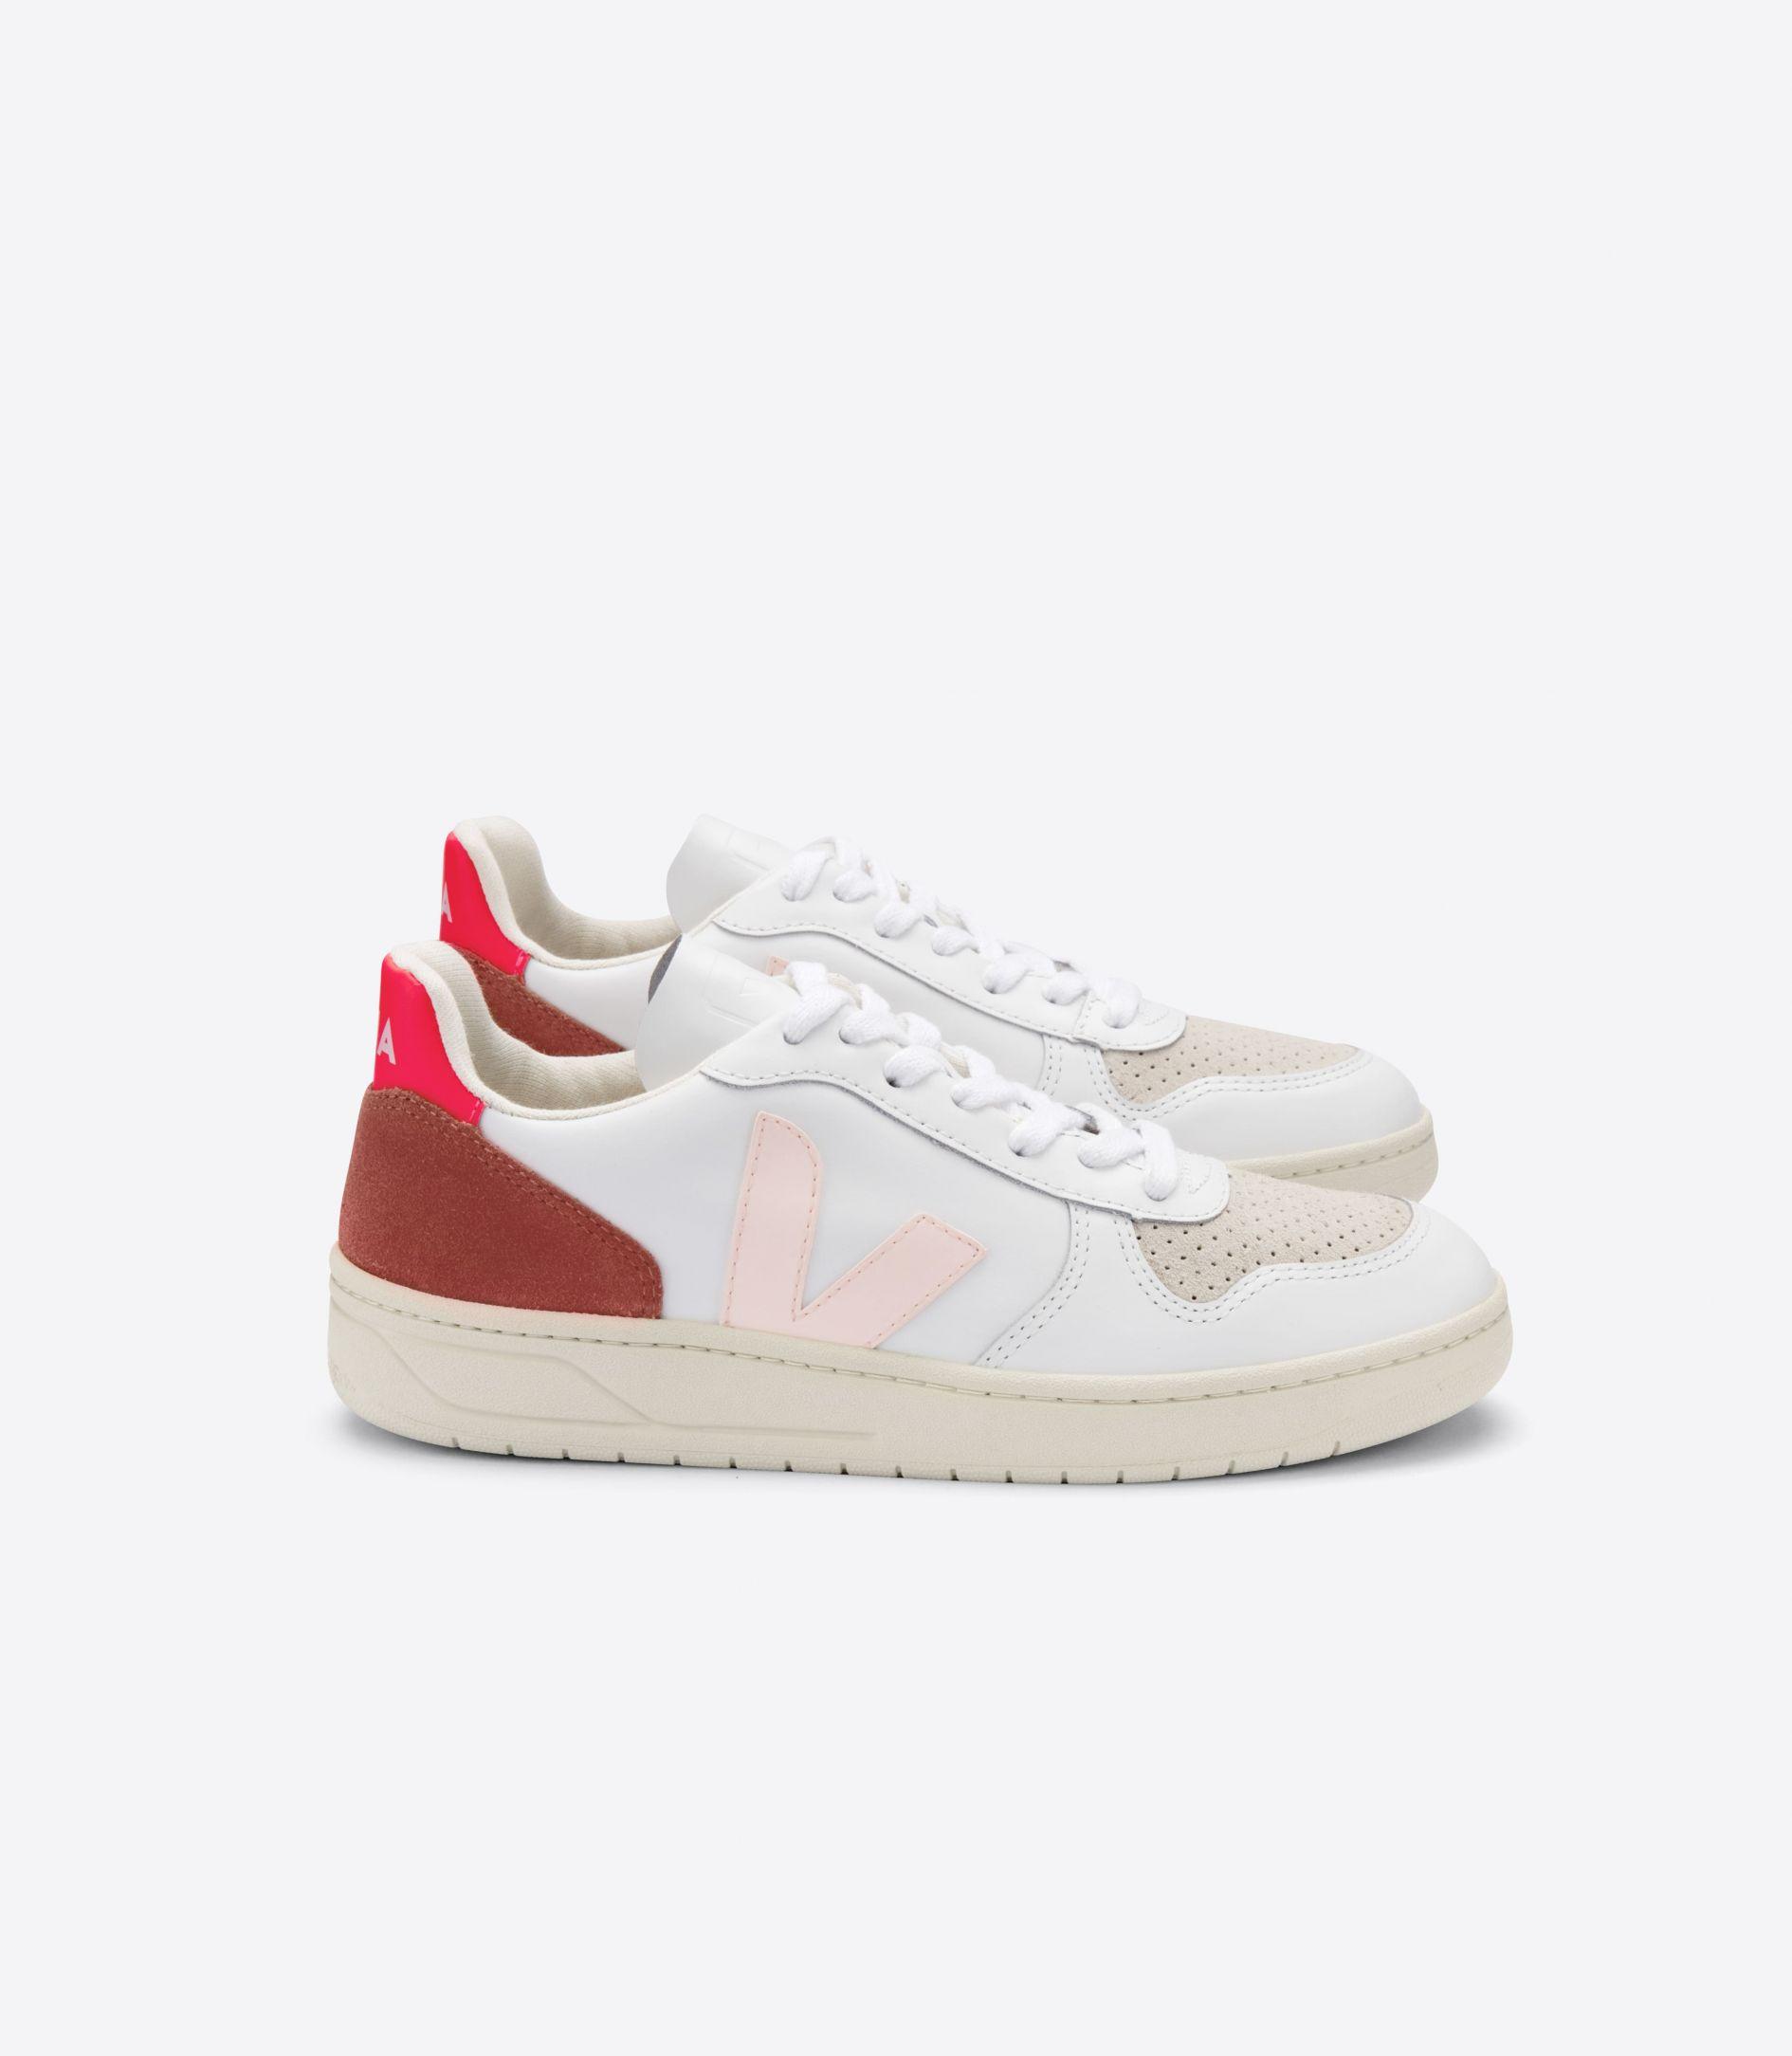 Veja shoes V 10 LEATHER EXTRA WHITE PETALE ROSE FLUO1